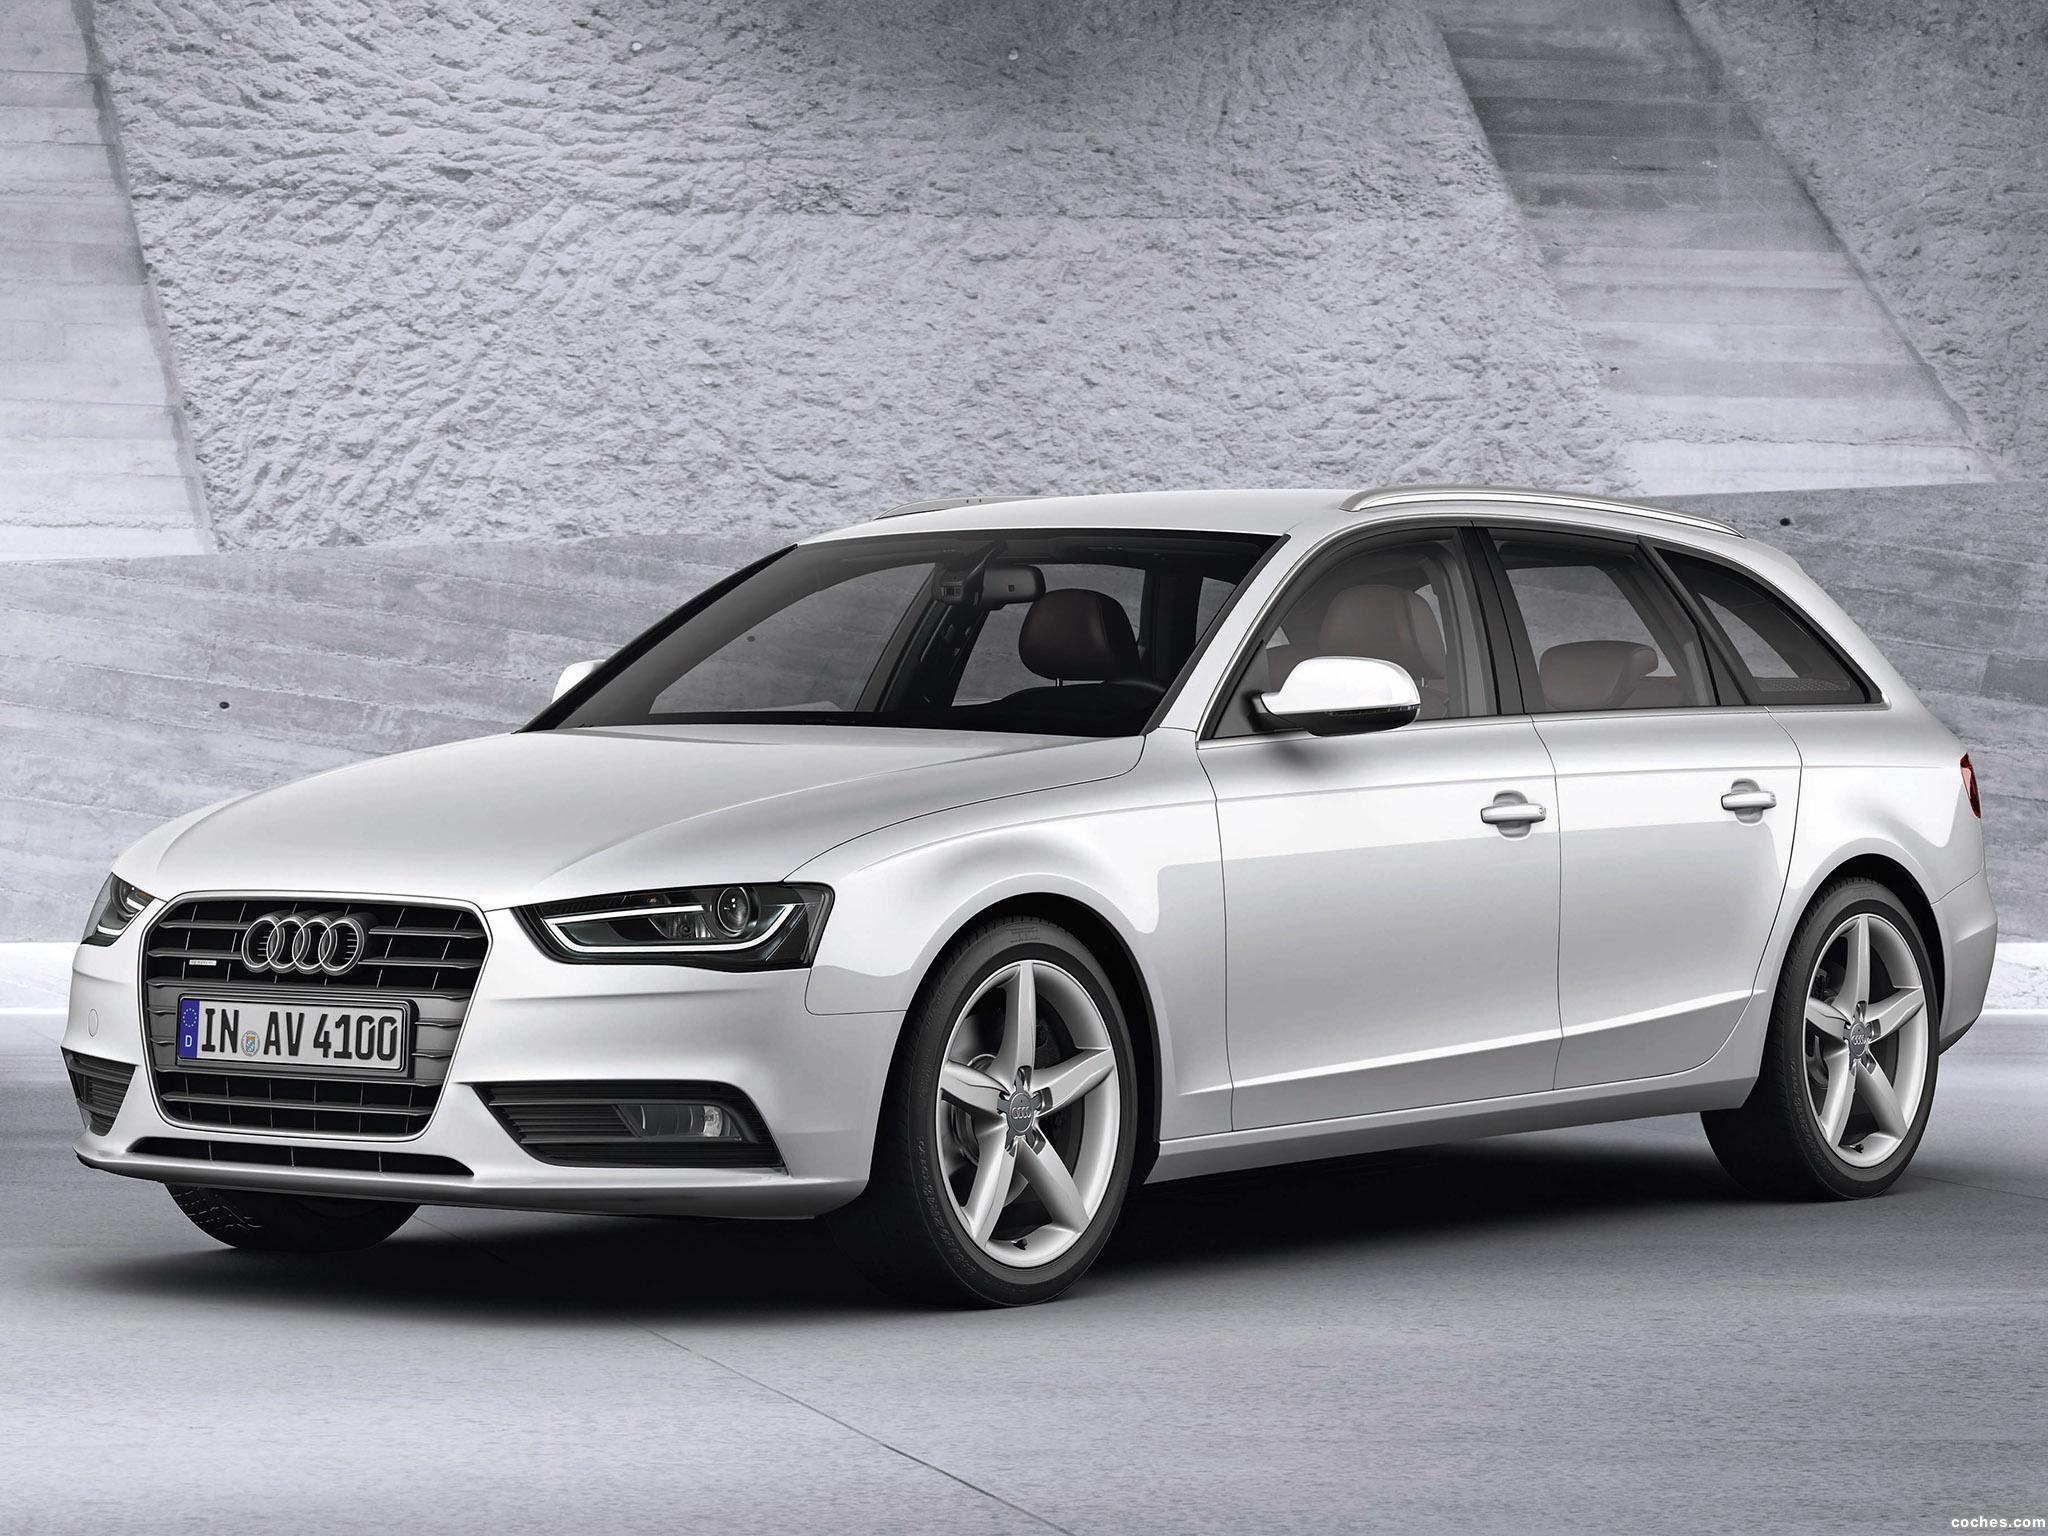 Foto 0 de Audi A4 Avant 2012